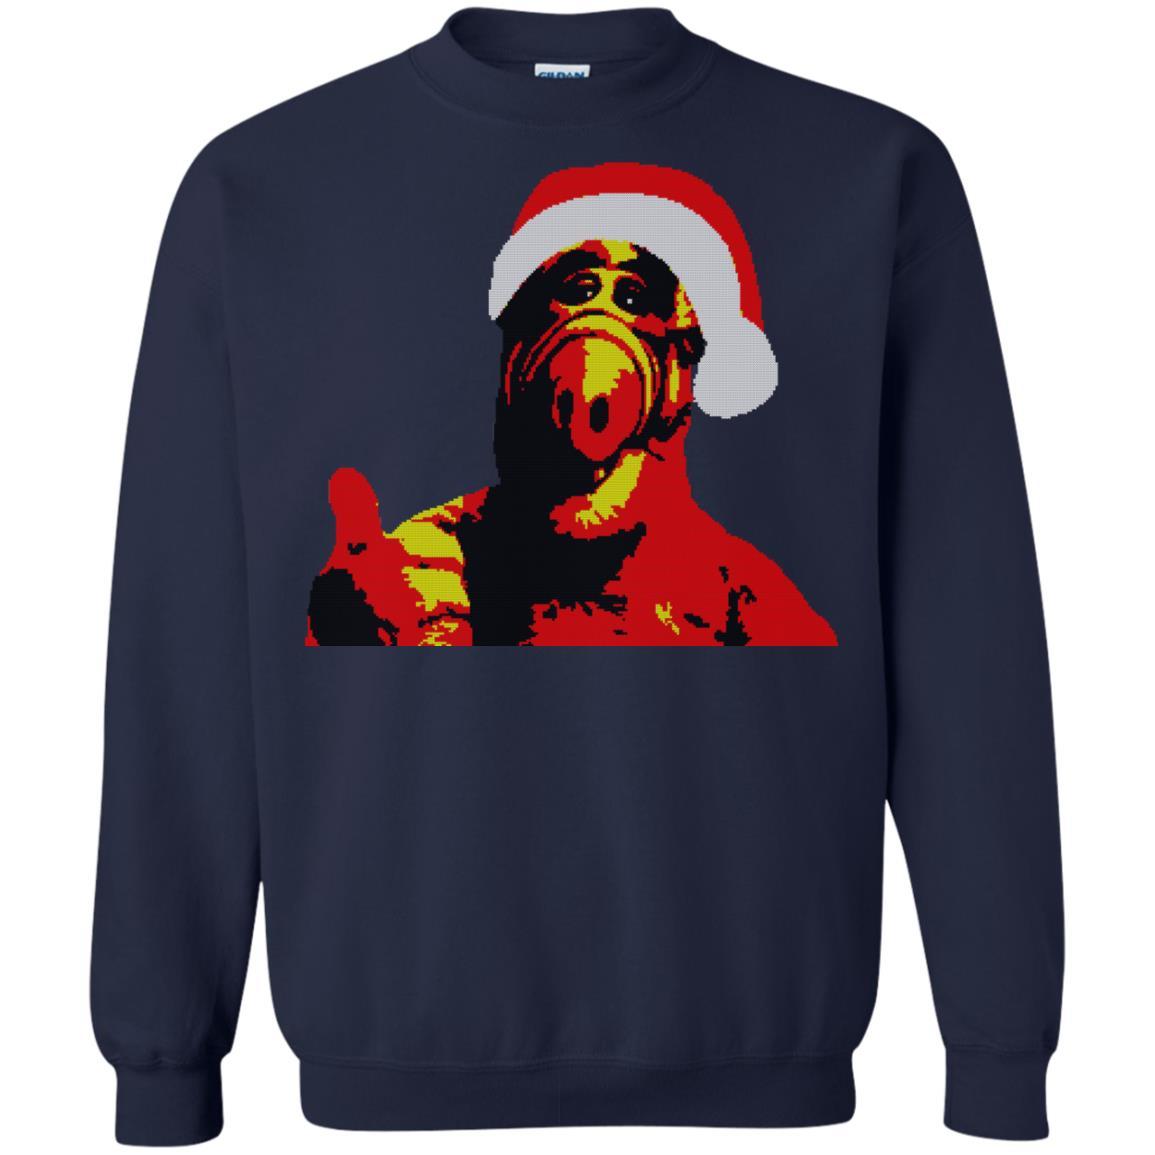 image 1030 - ALF Christmas Sweater, Hoodie, Long Sleeve